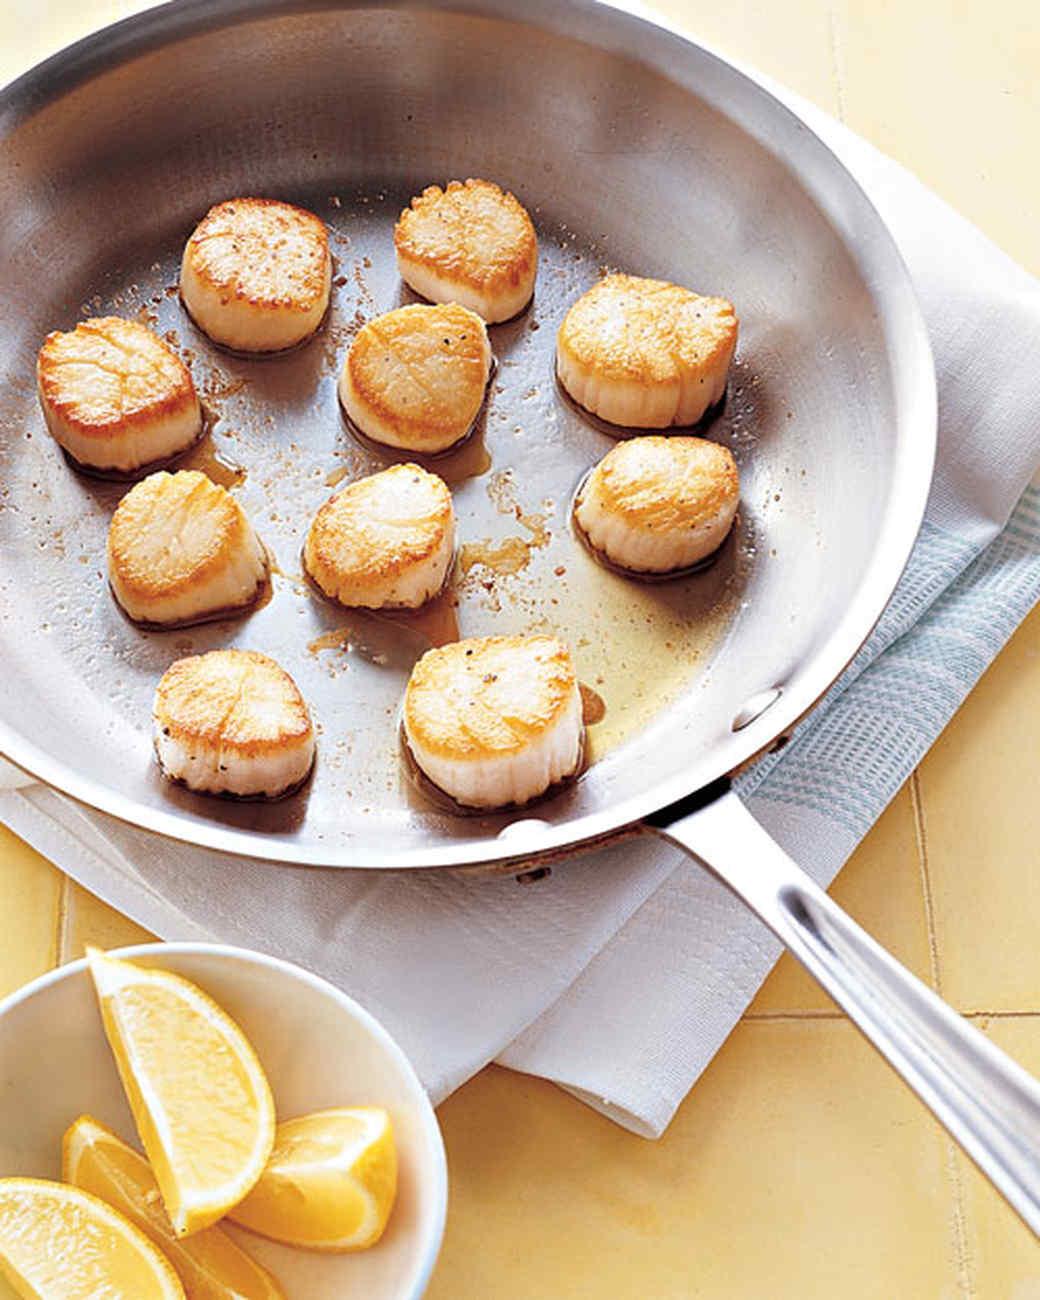 Pan-Seared Scallops With Lemon Recipe